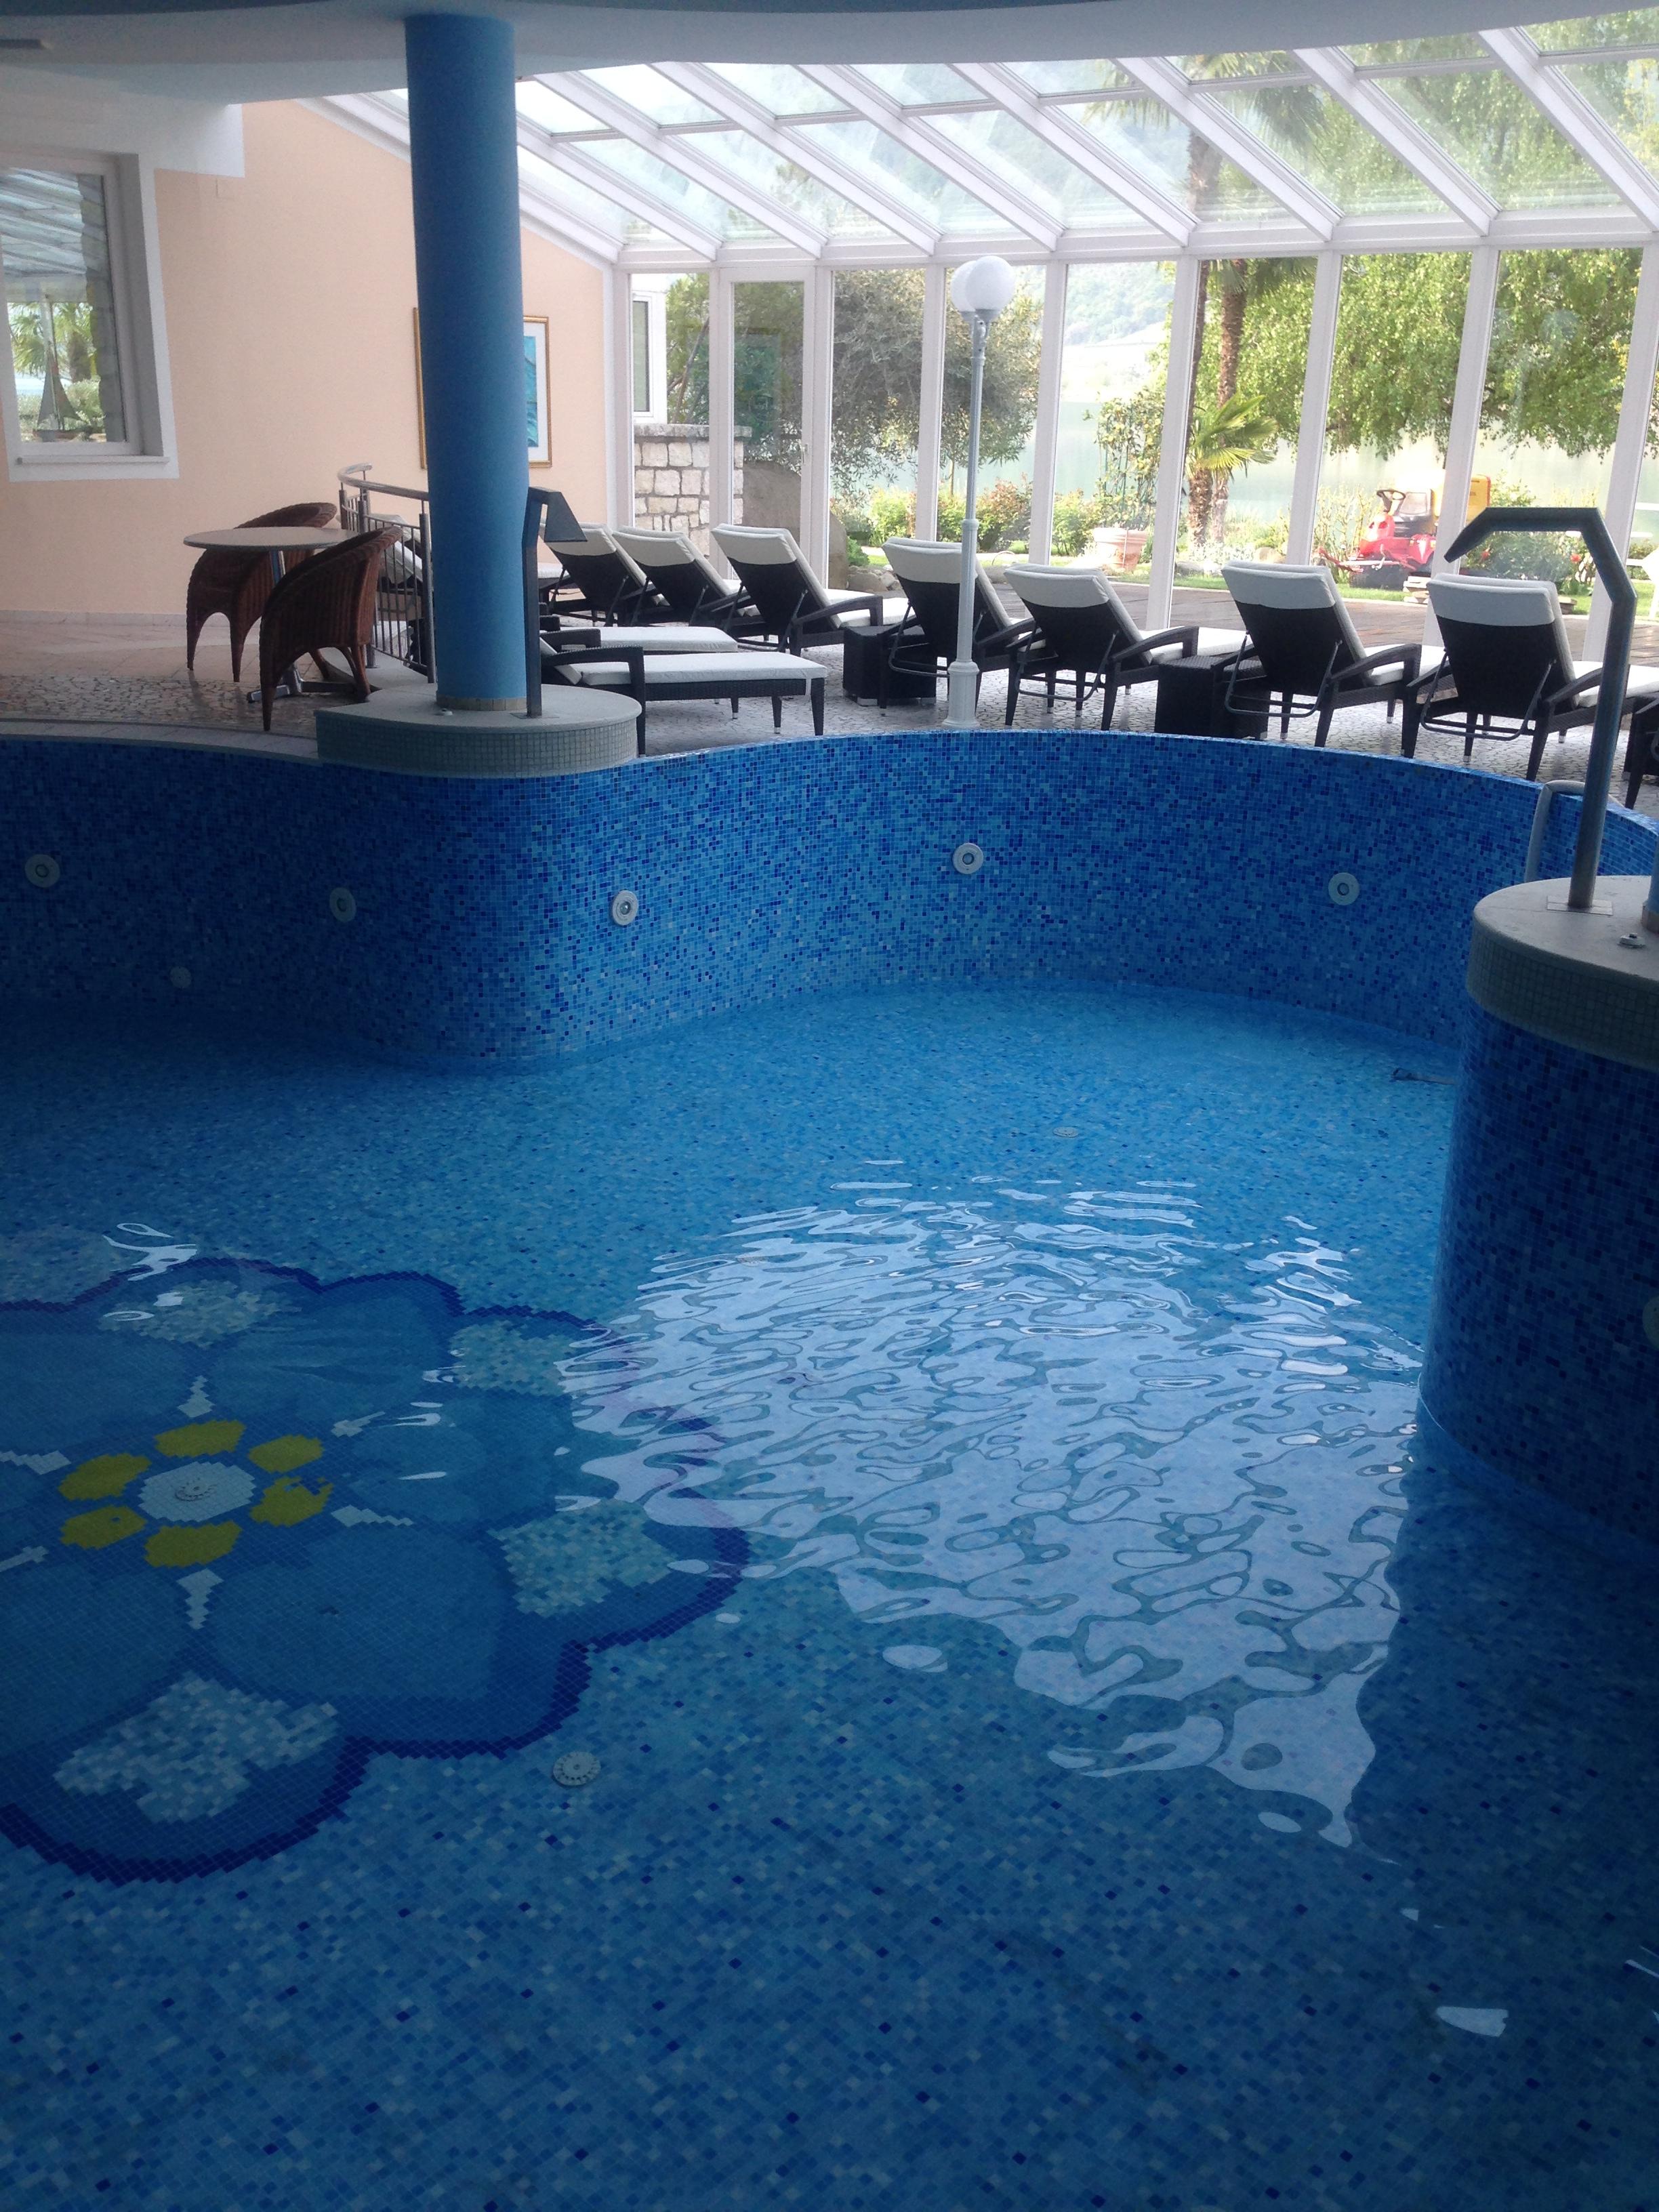 Auch unser bestehender Innenpool ist wieder mit Wasser gefüllt welches jetzt wieder auf angenehme 30°C Temperatur erwärmt wird...